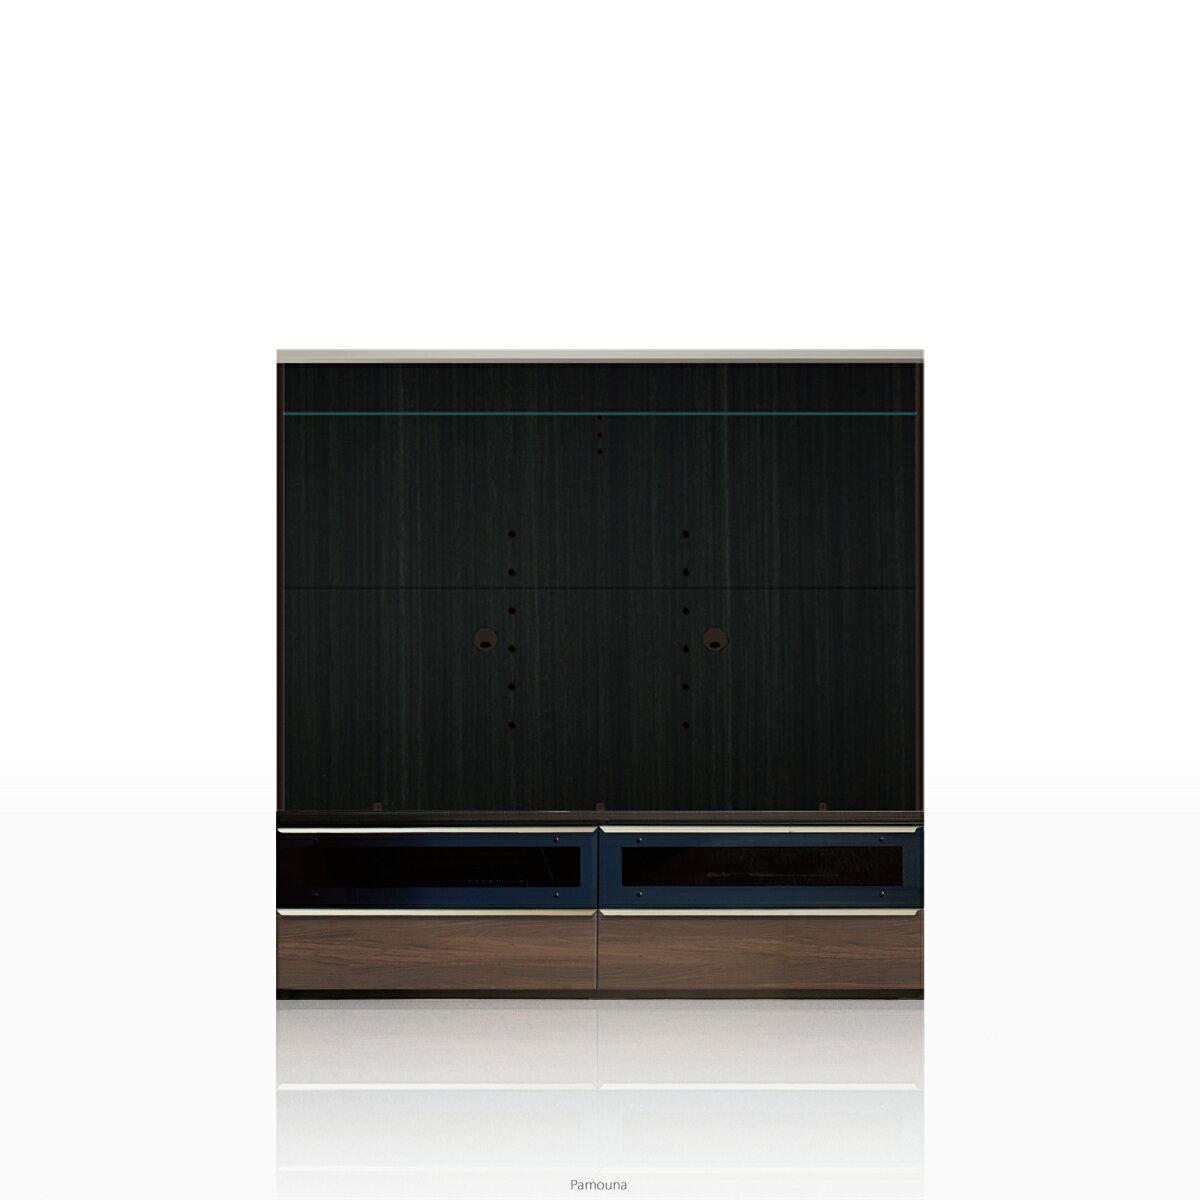 パモウナ テレビ台 VWシリーズ VW-1600 テレビ台/テレビボード (幅160cm, ウォールナット)【この商品は配送地域限定[本州、四国、九州]】【同梱不可】【店頭受取対応商品】